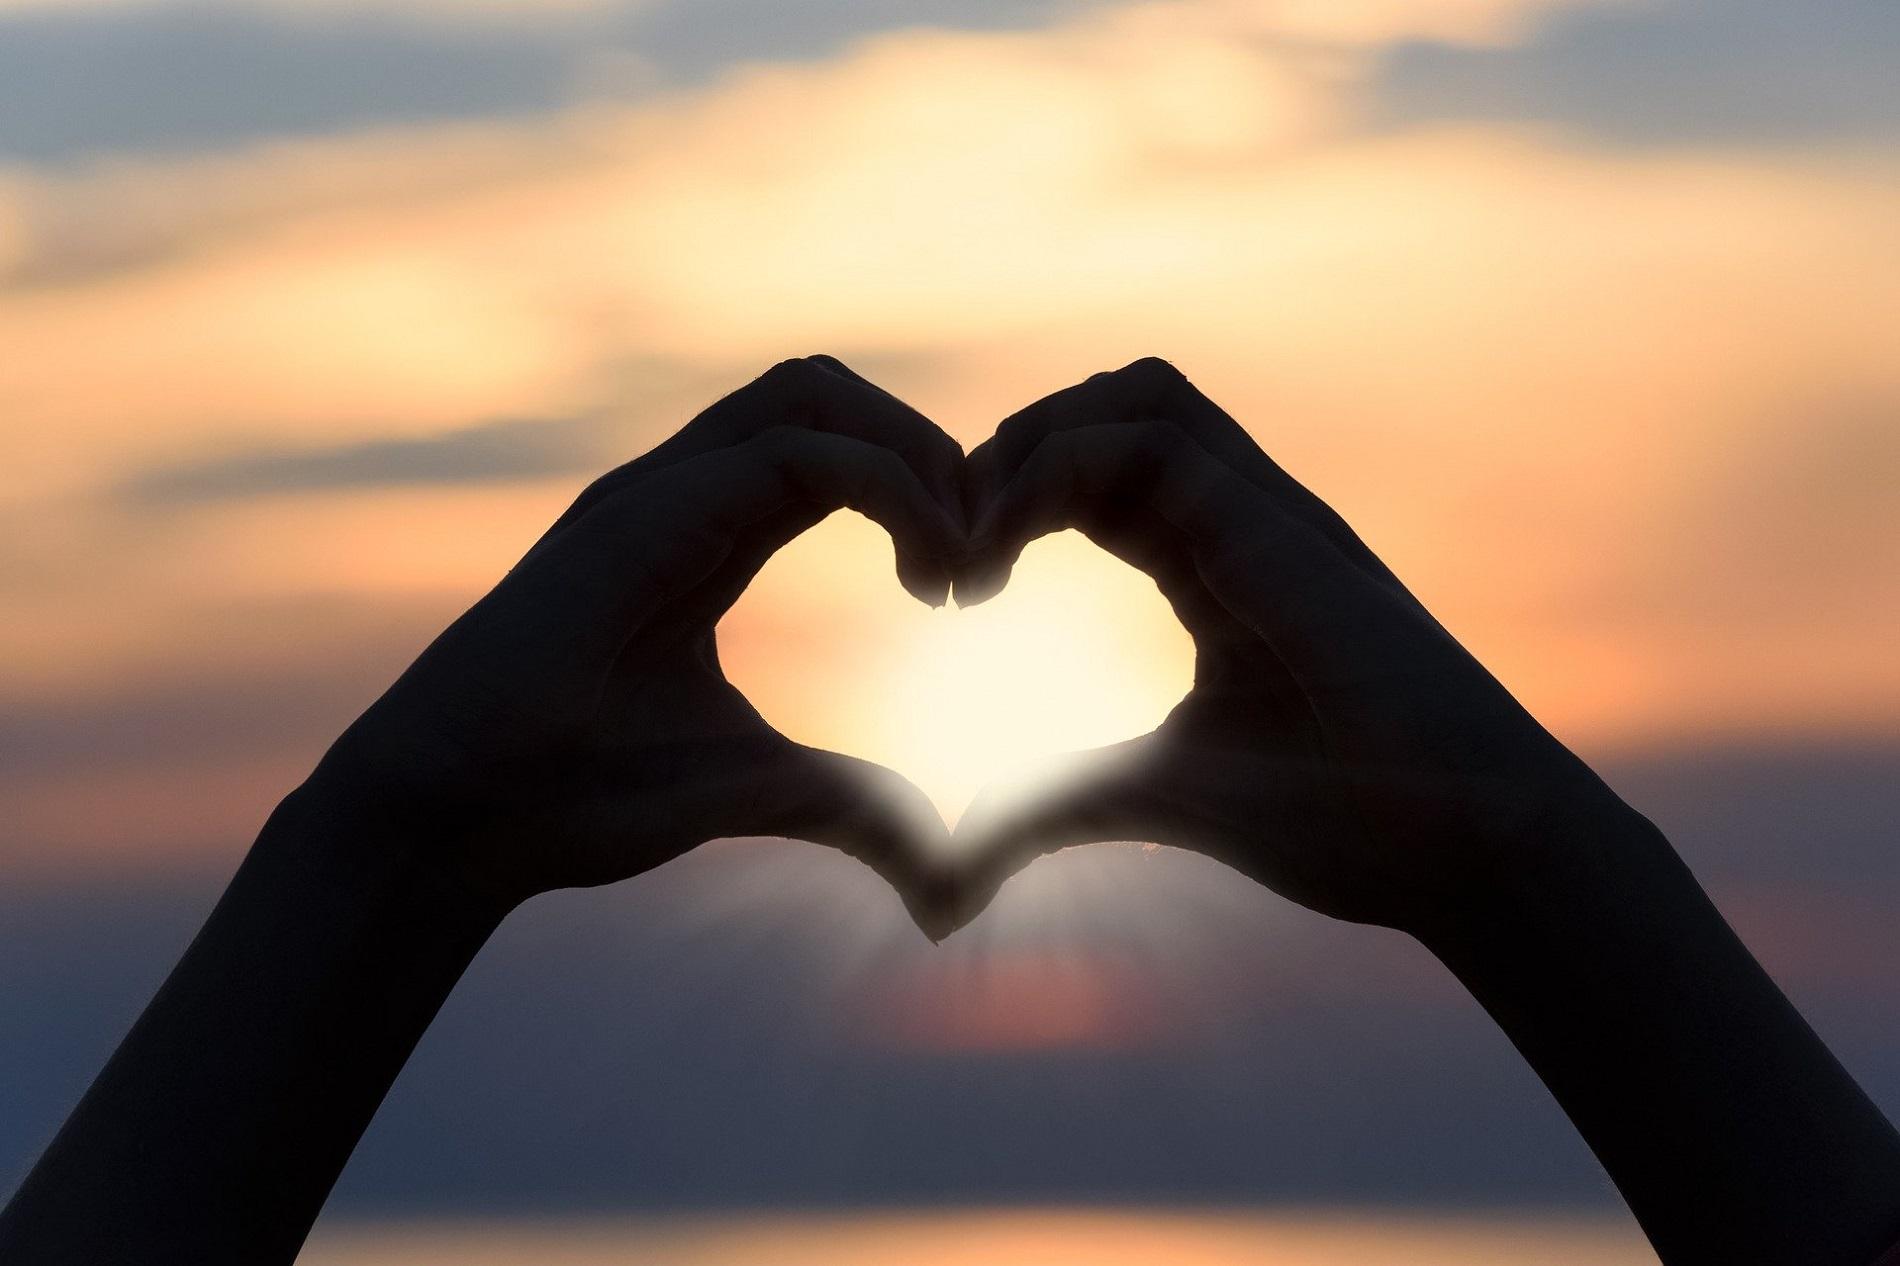 Mains en forme de coeur devant un coucher de soleil romantique